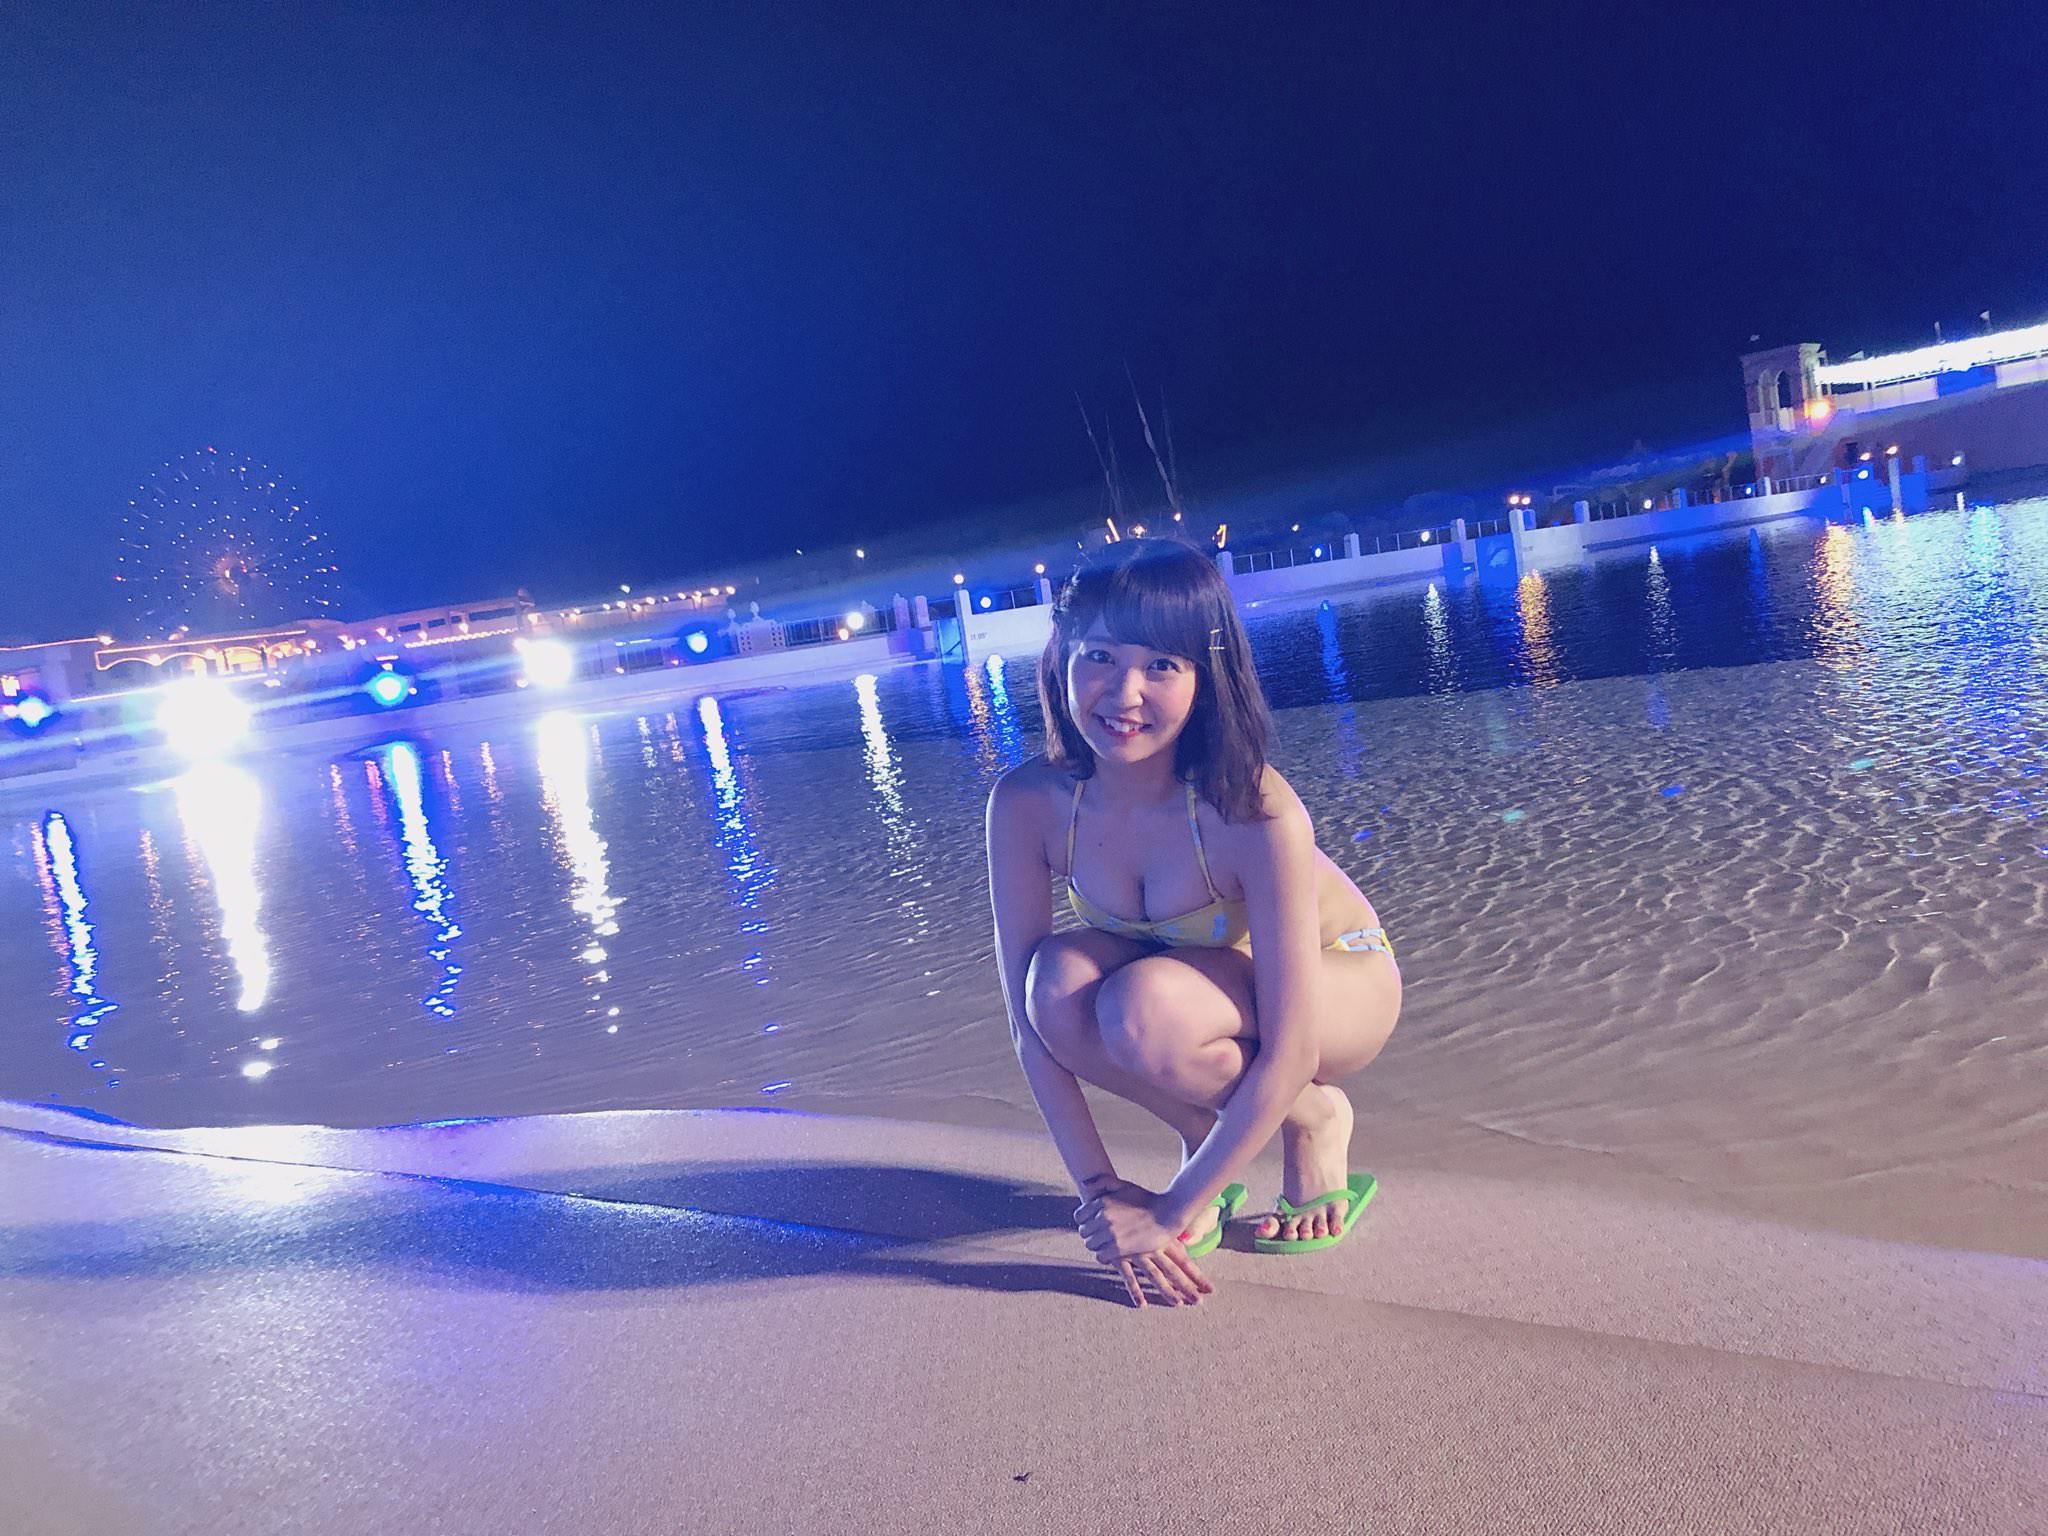 素人の女の子のインスタ画像っぽい芸能人の水着画像wwwwwww Vmj5yQk